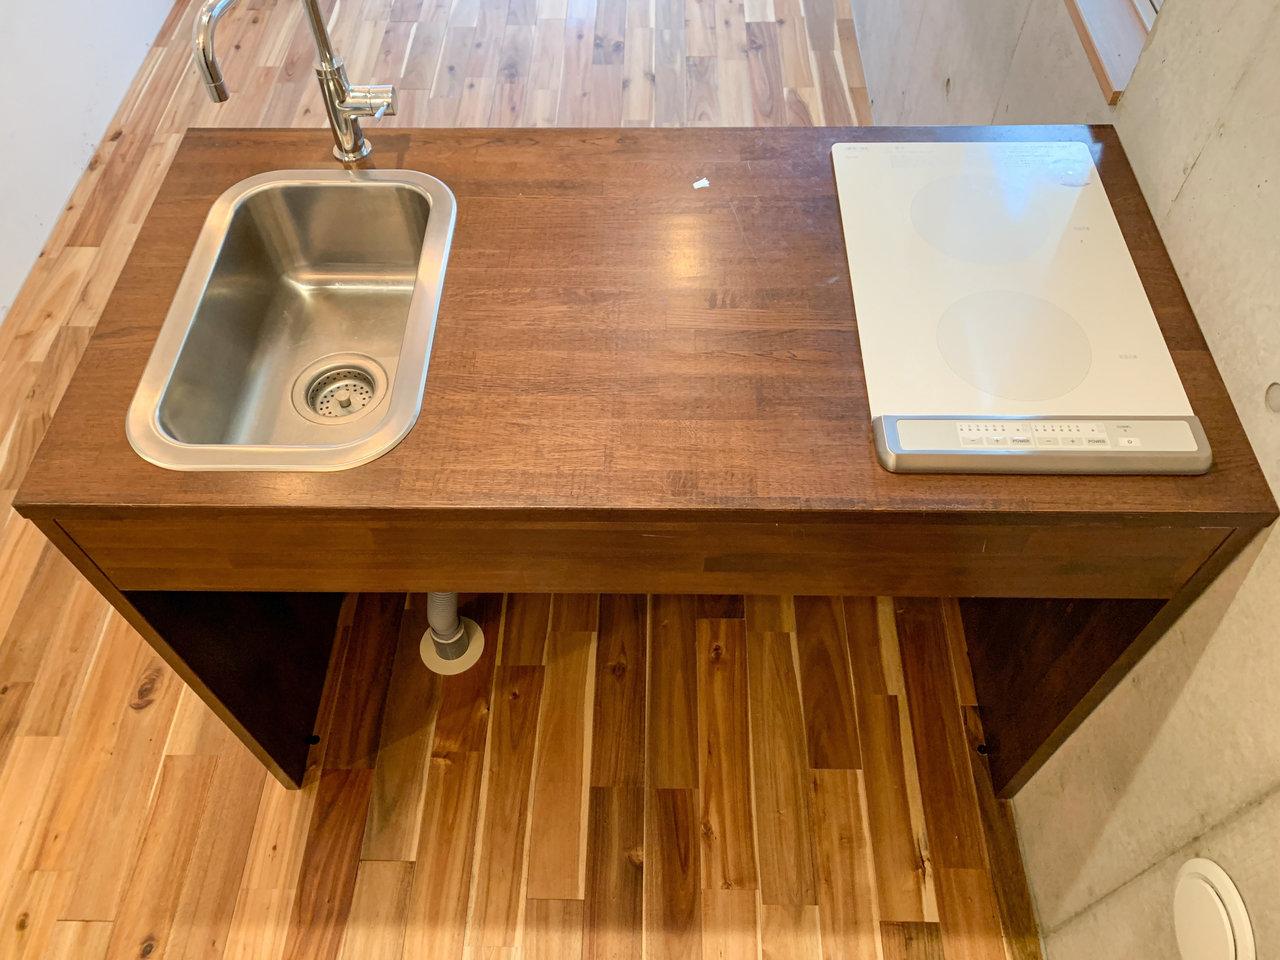 キッチンはシンクはコンパクトですが、その分作業スペースが広く、コンロもIH型で2口。料理はしやすそうです。